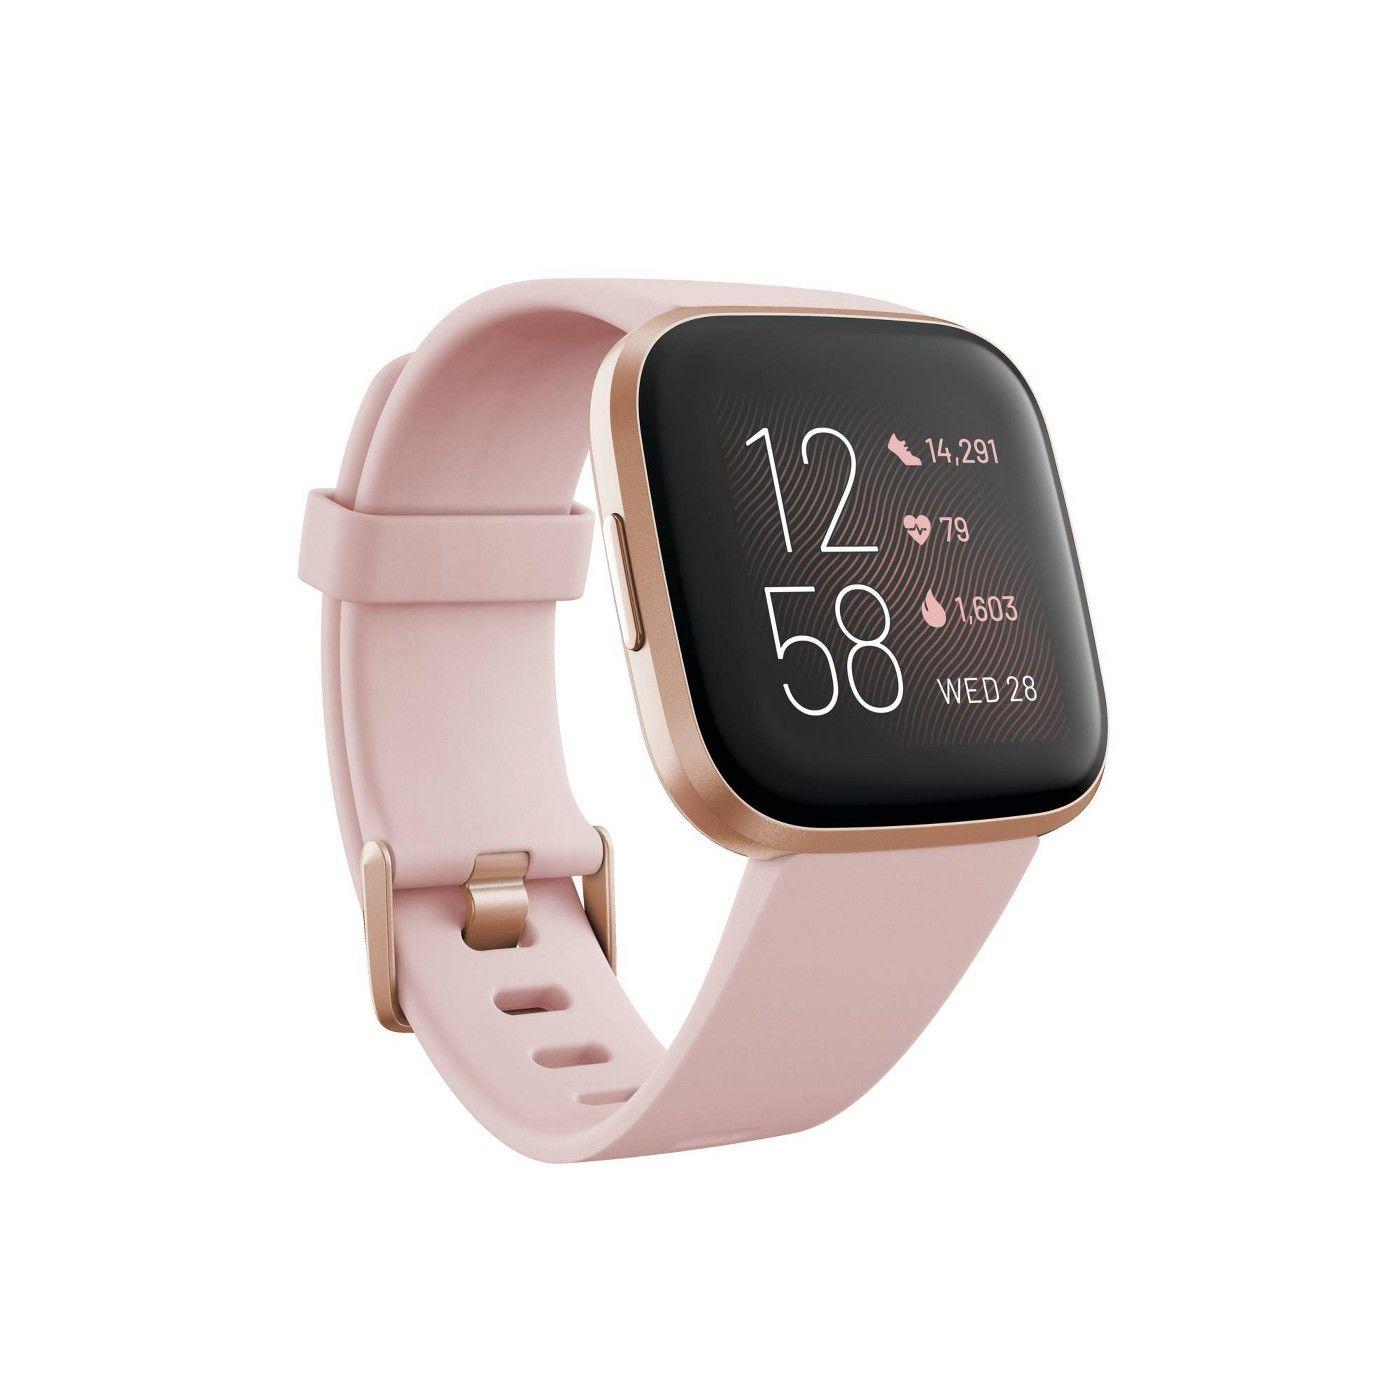 Fitbit Versa 2 Smartwatch In 2020 Smart Watch Apple Watch Buy Fitbit